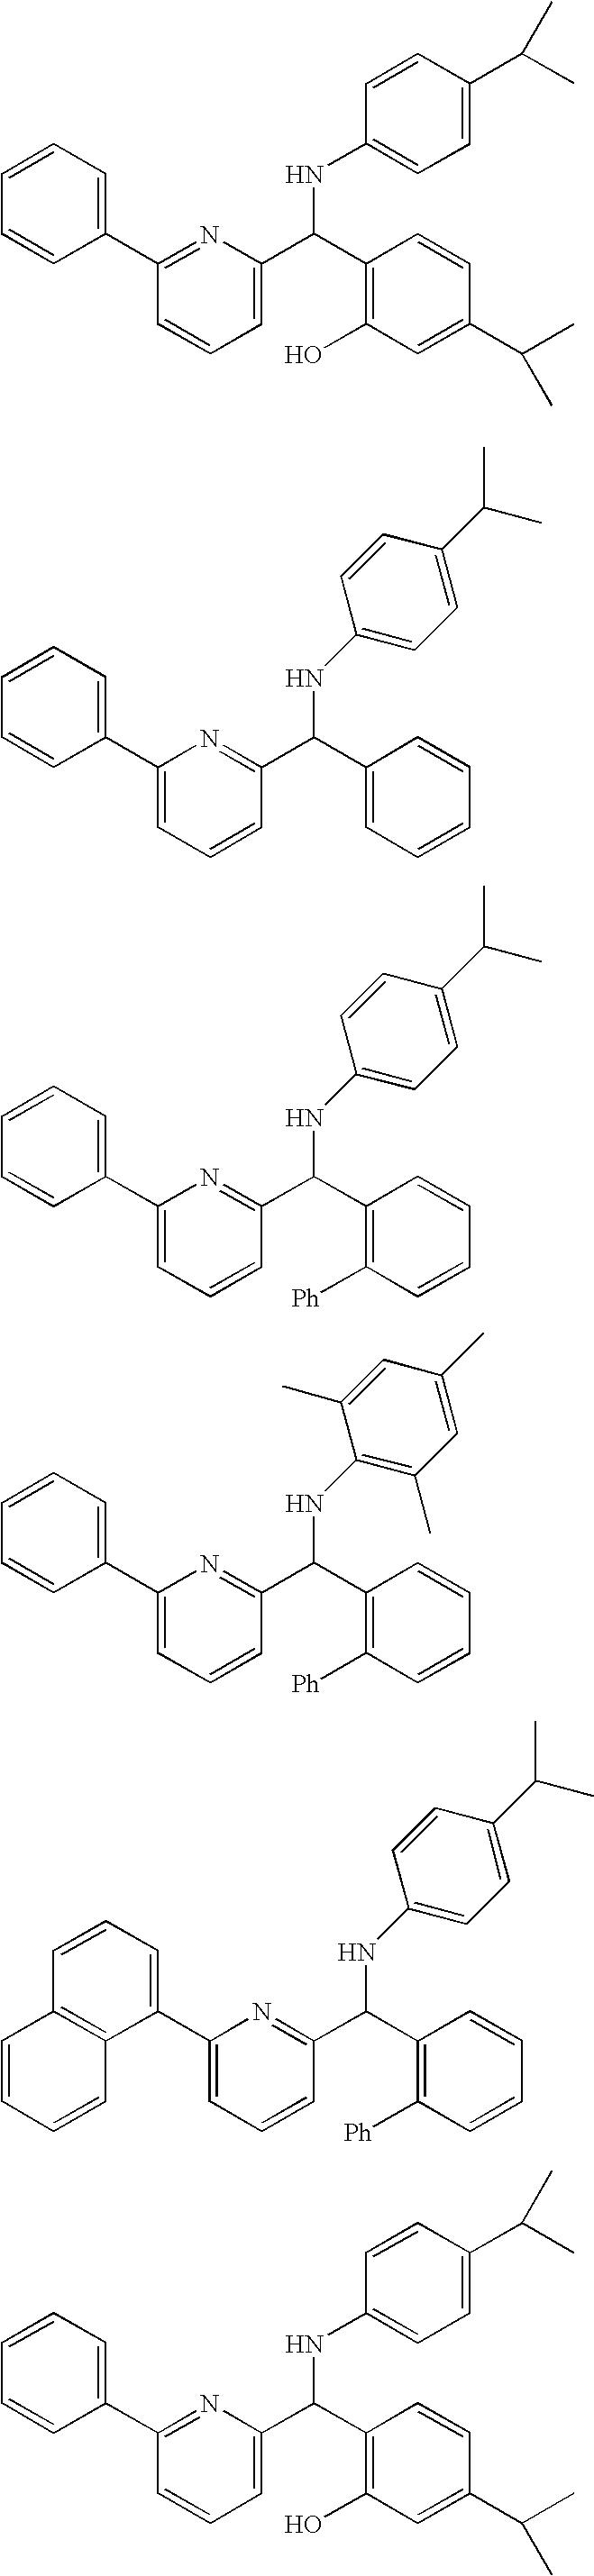 Figure US06900321-20050531-C00031